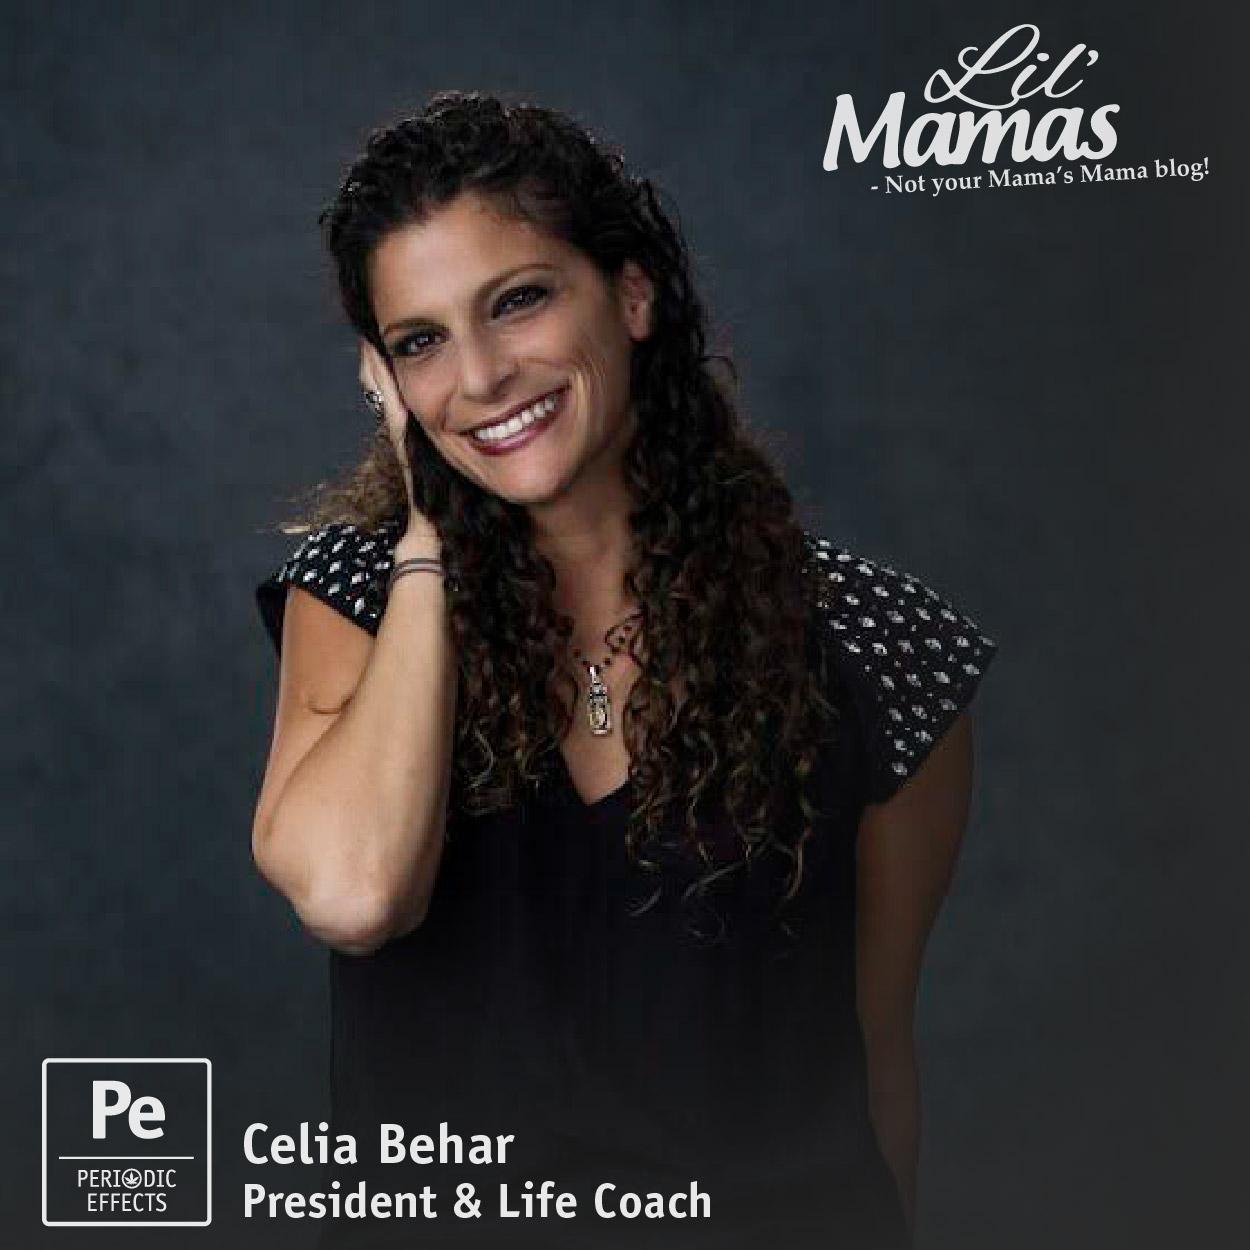 Celia Behar The Lil Mamas Blog